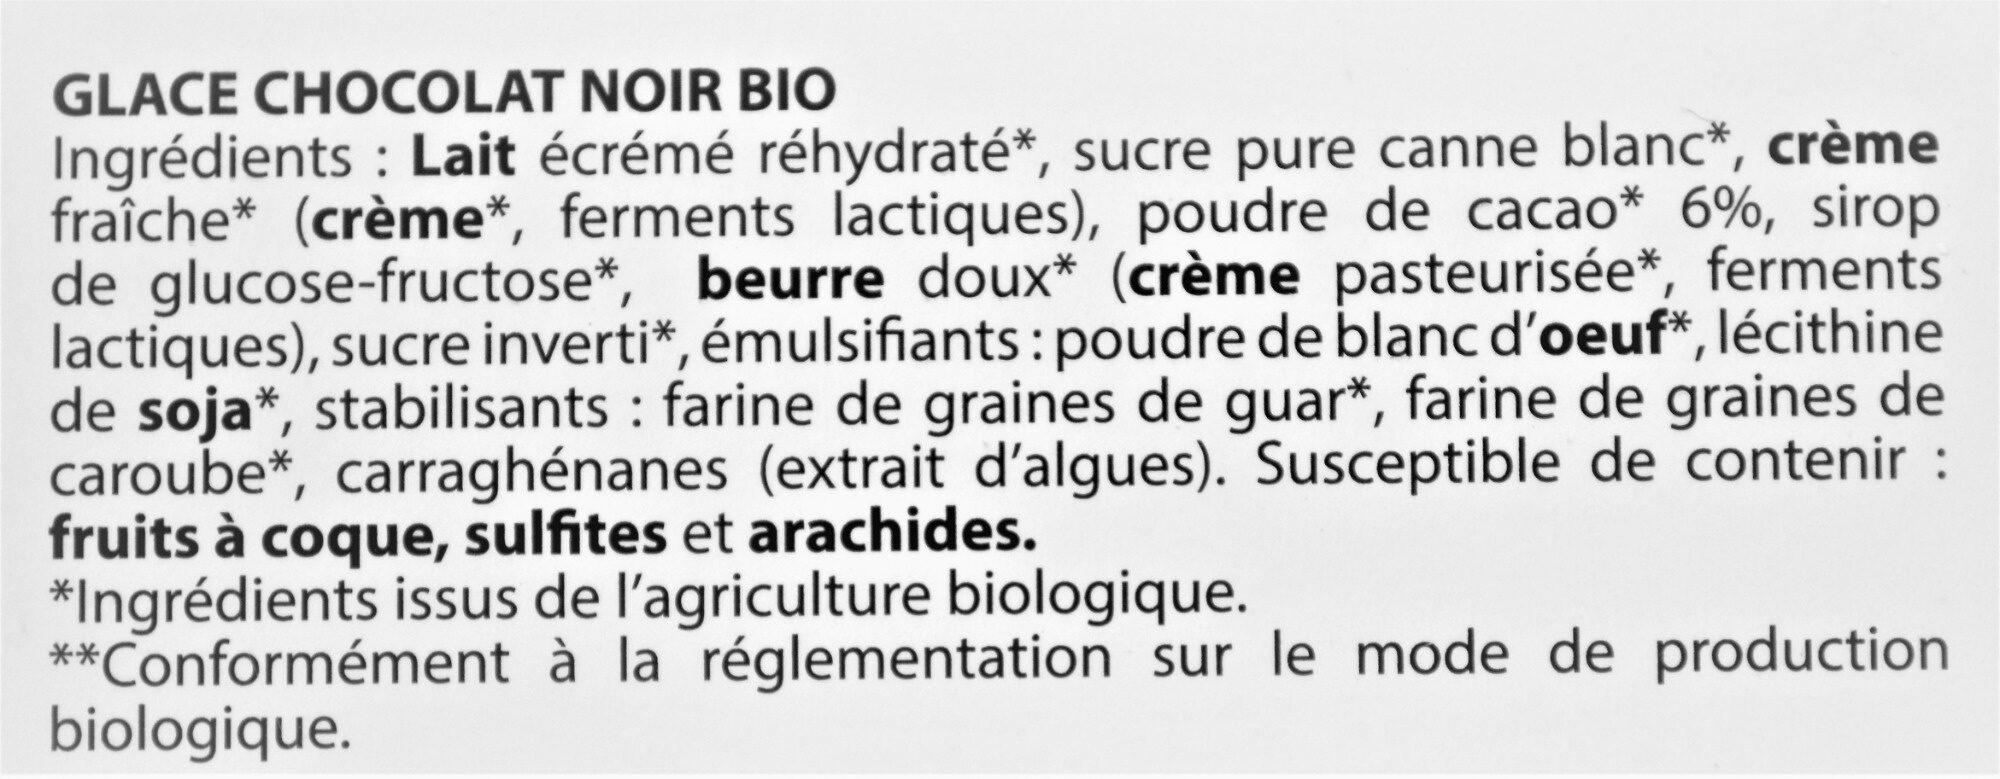 Glace Chocolat Noir bio - Ingredients